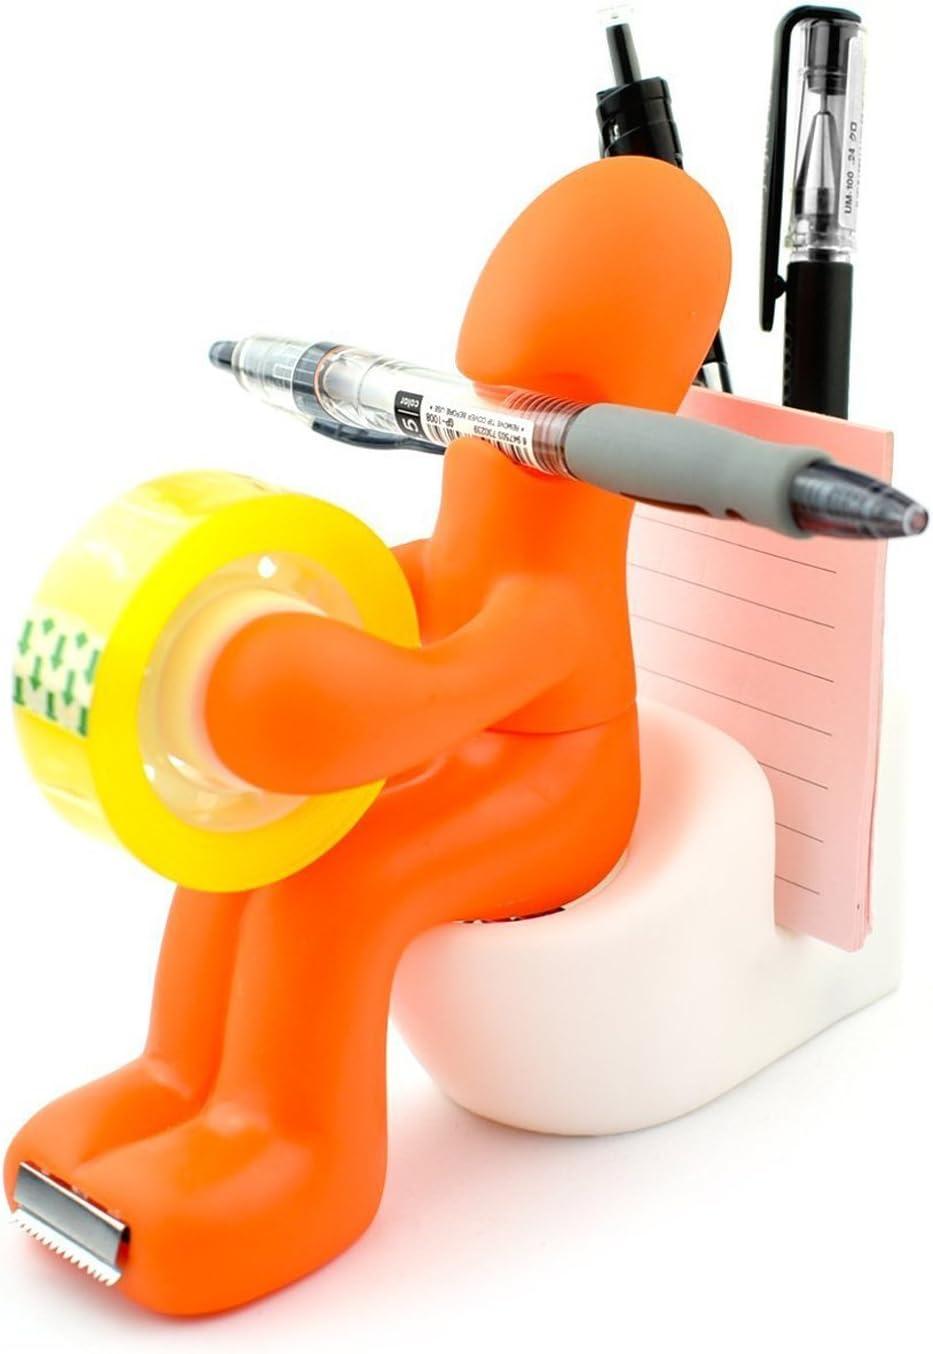 Thenese 'The Butt' Office Supply Station Desk Accessory Holder Butt Station Pen Holder for Desk, Orange